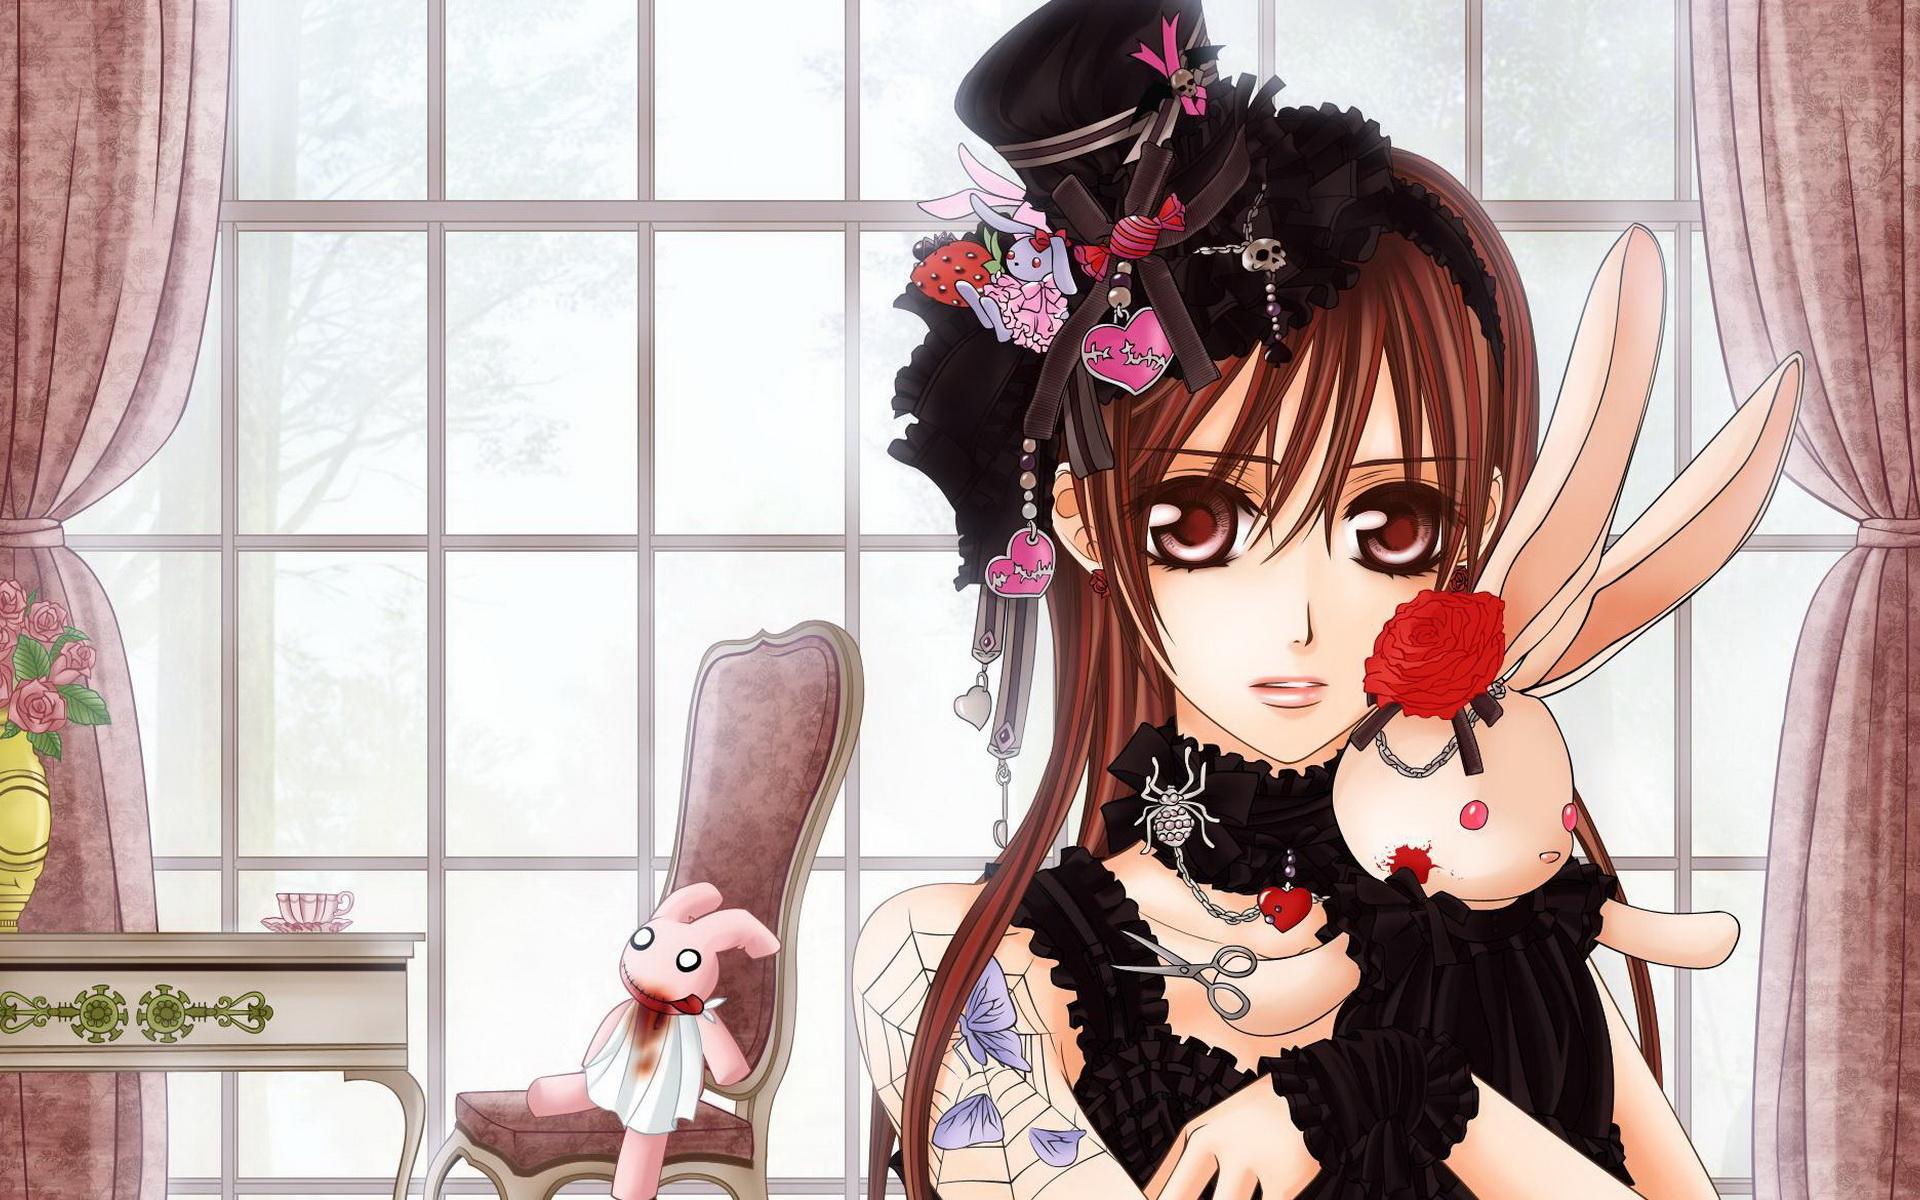 картинки аниме девушек с игрушками: